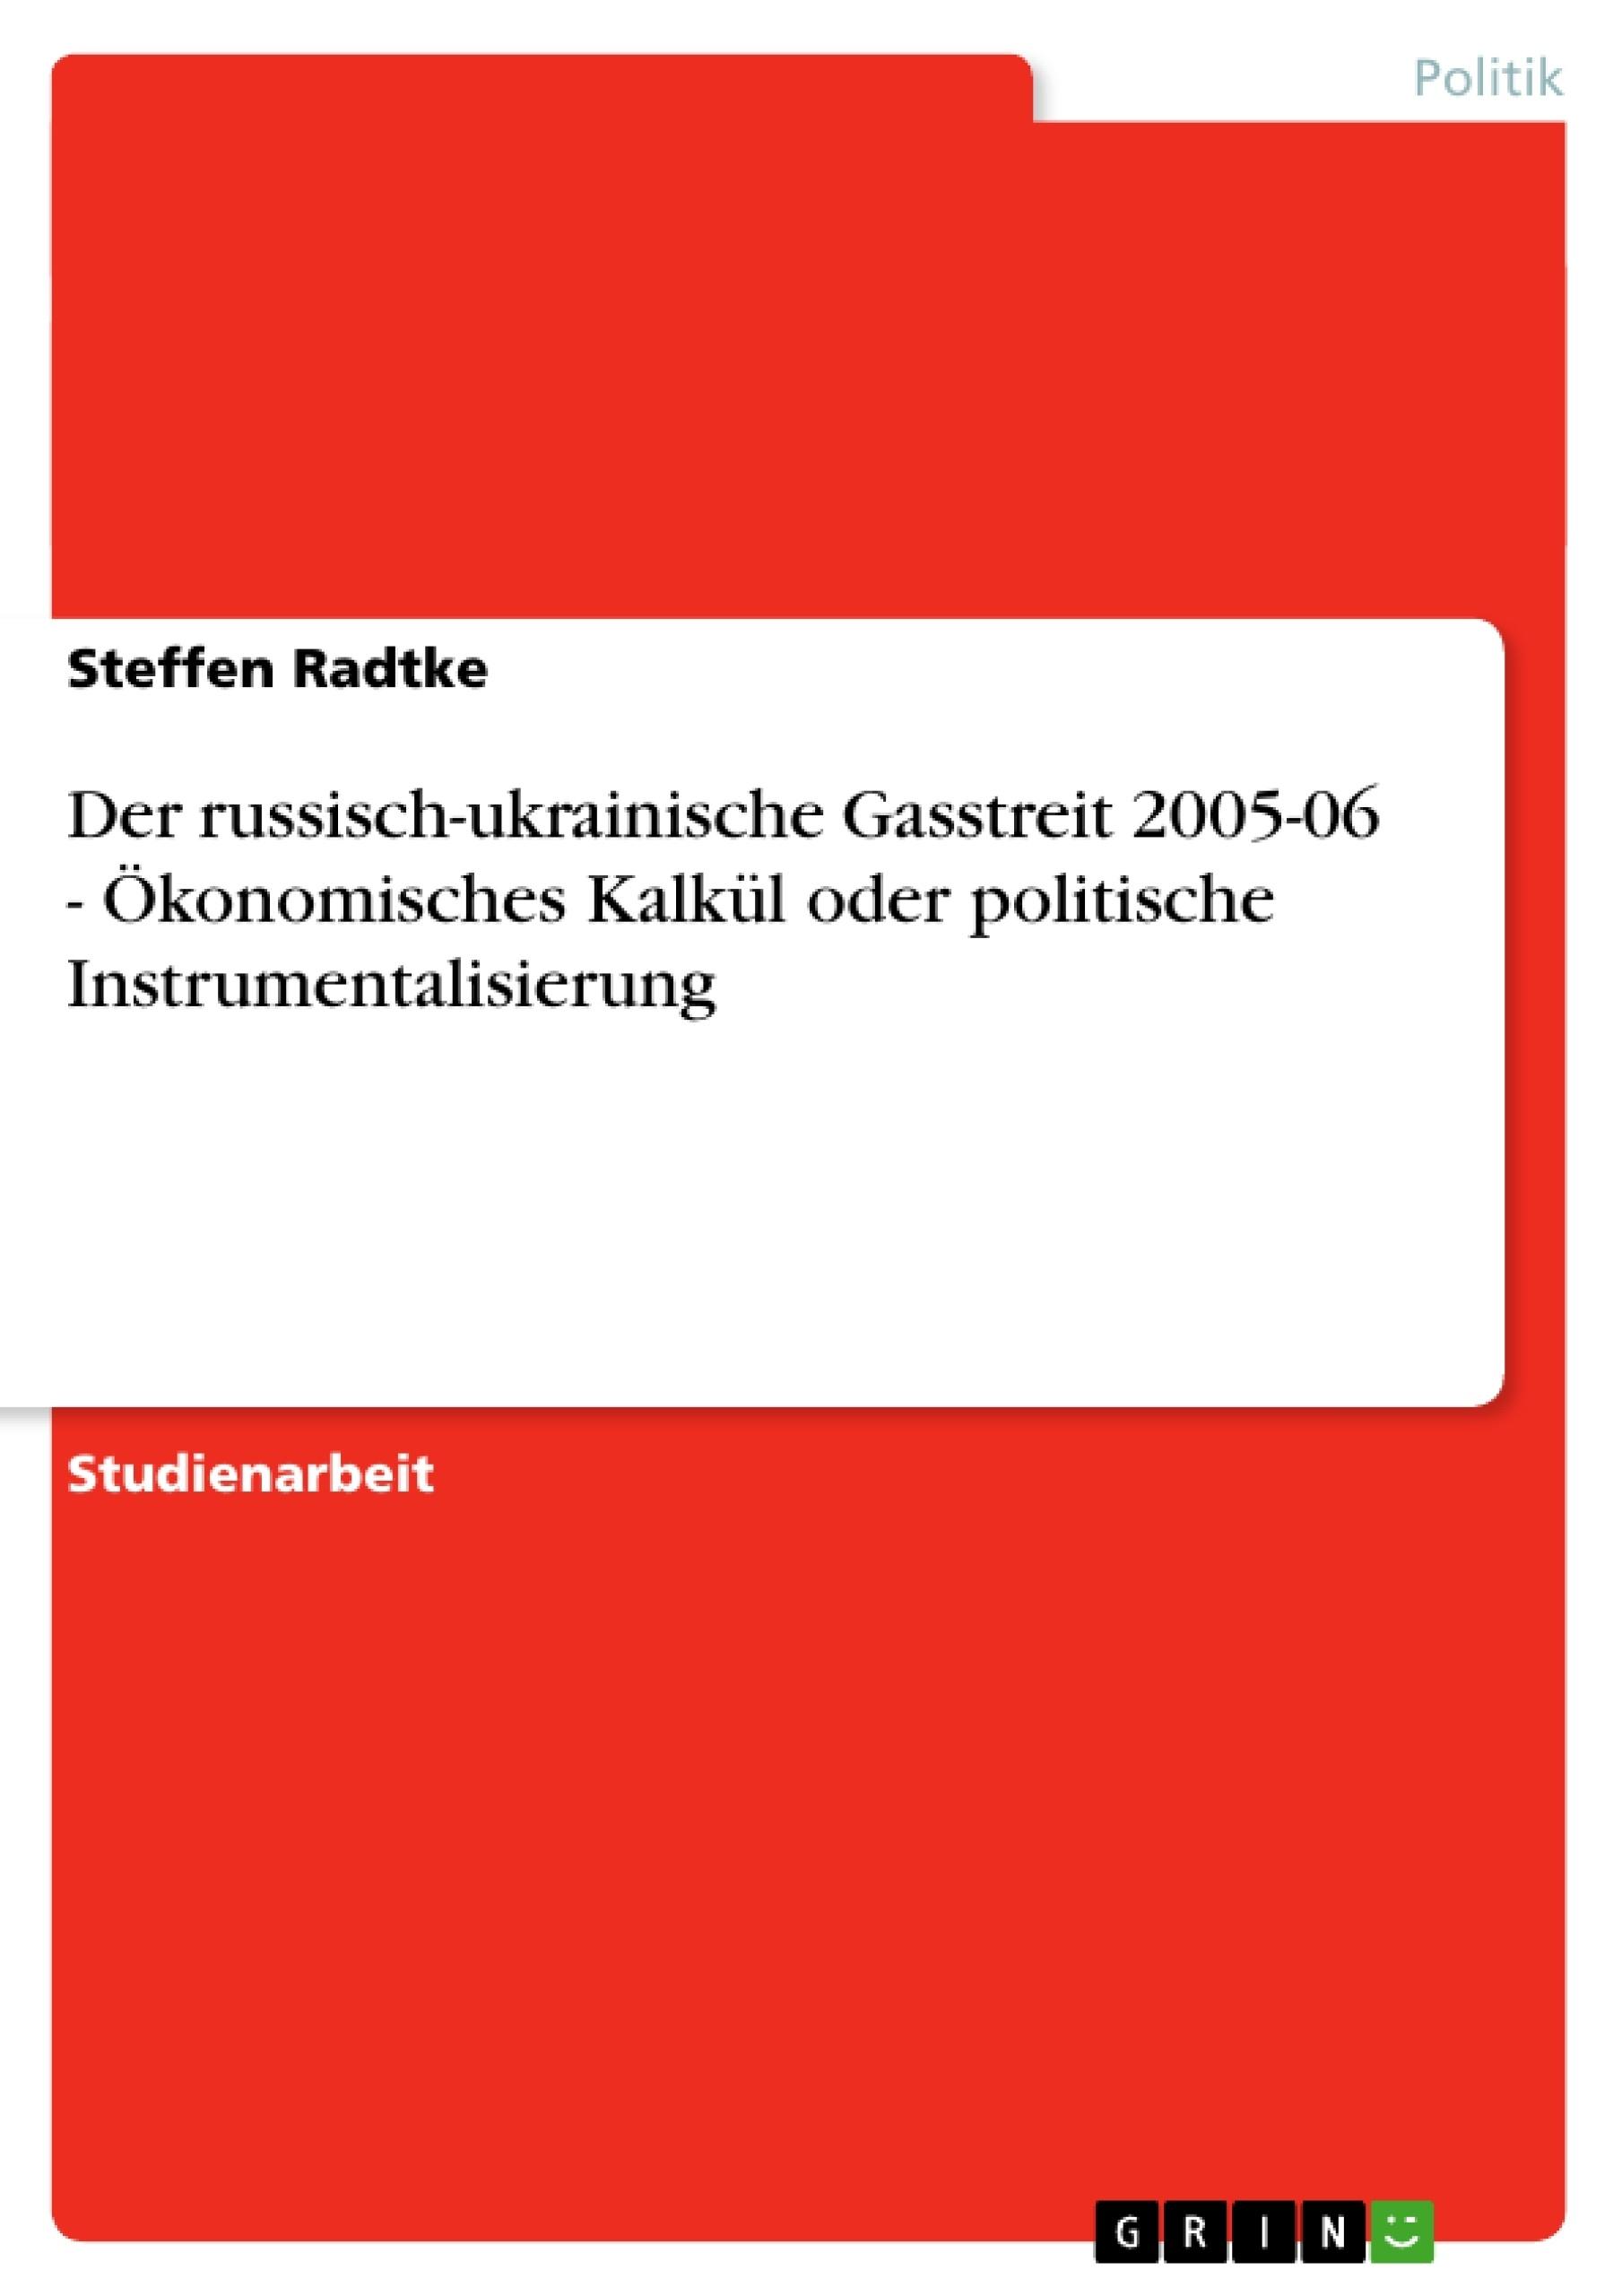 Titel: Der russisch-ukrainische Gasstreit 2005-06 - Ökonomisches Kalkül oder politische Instrumentalisierung